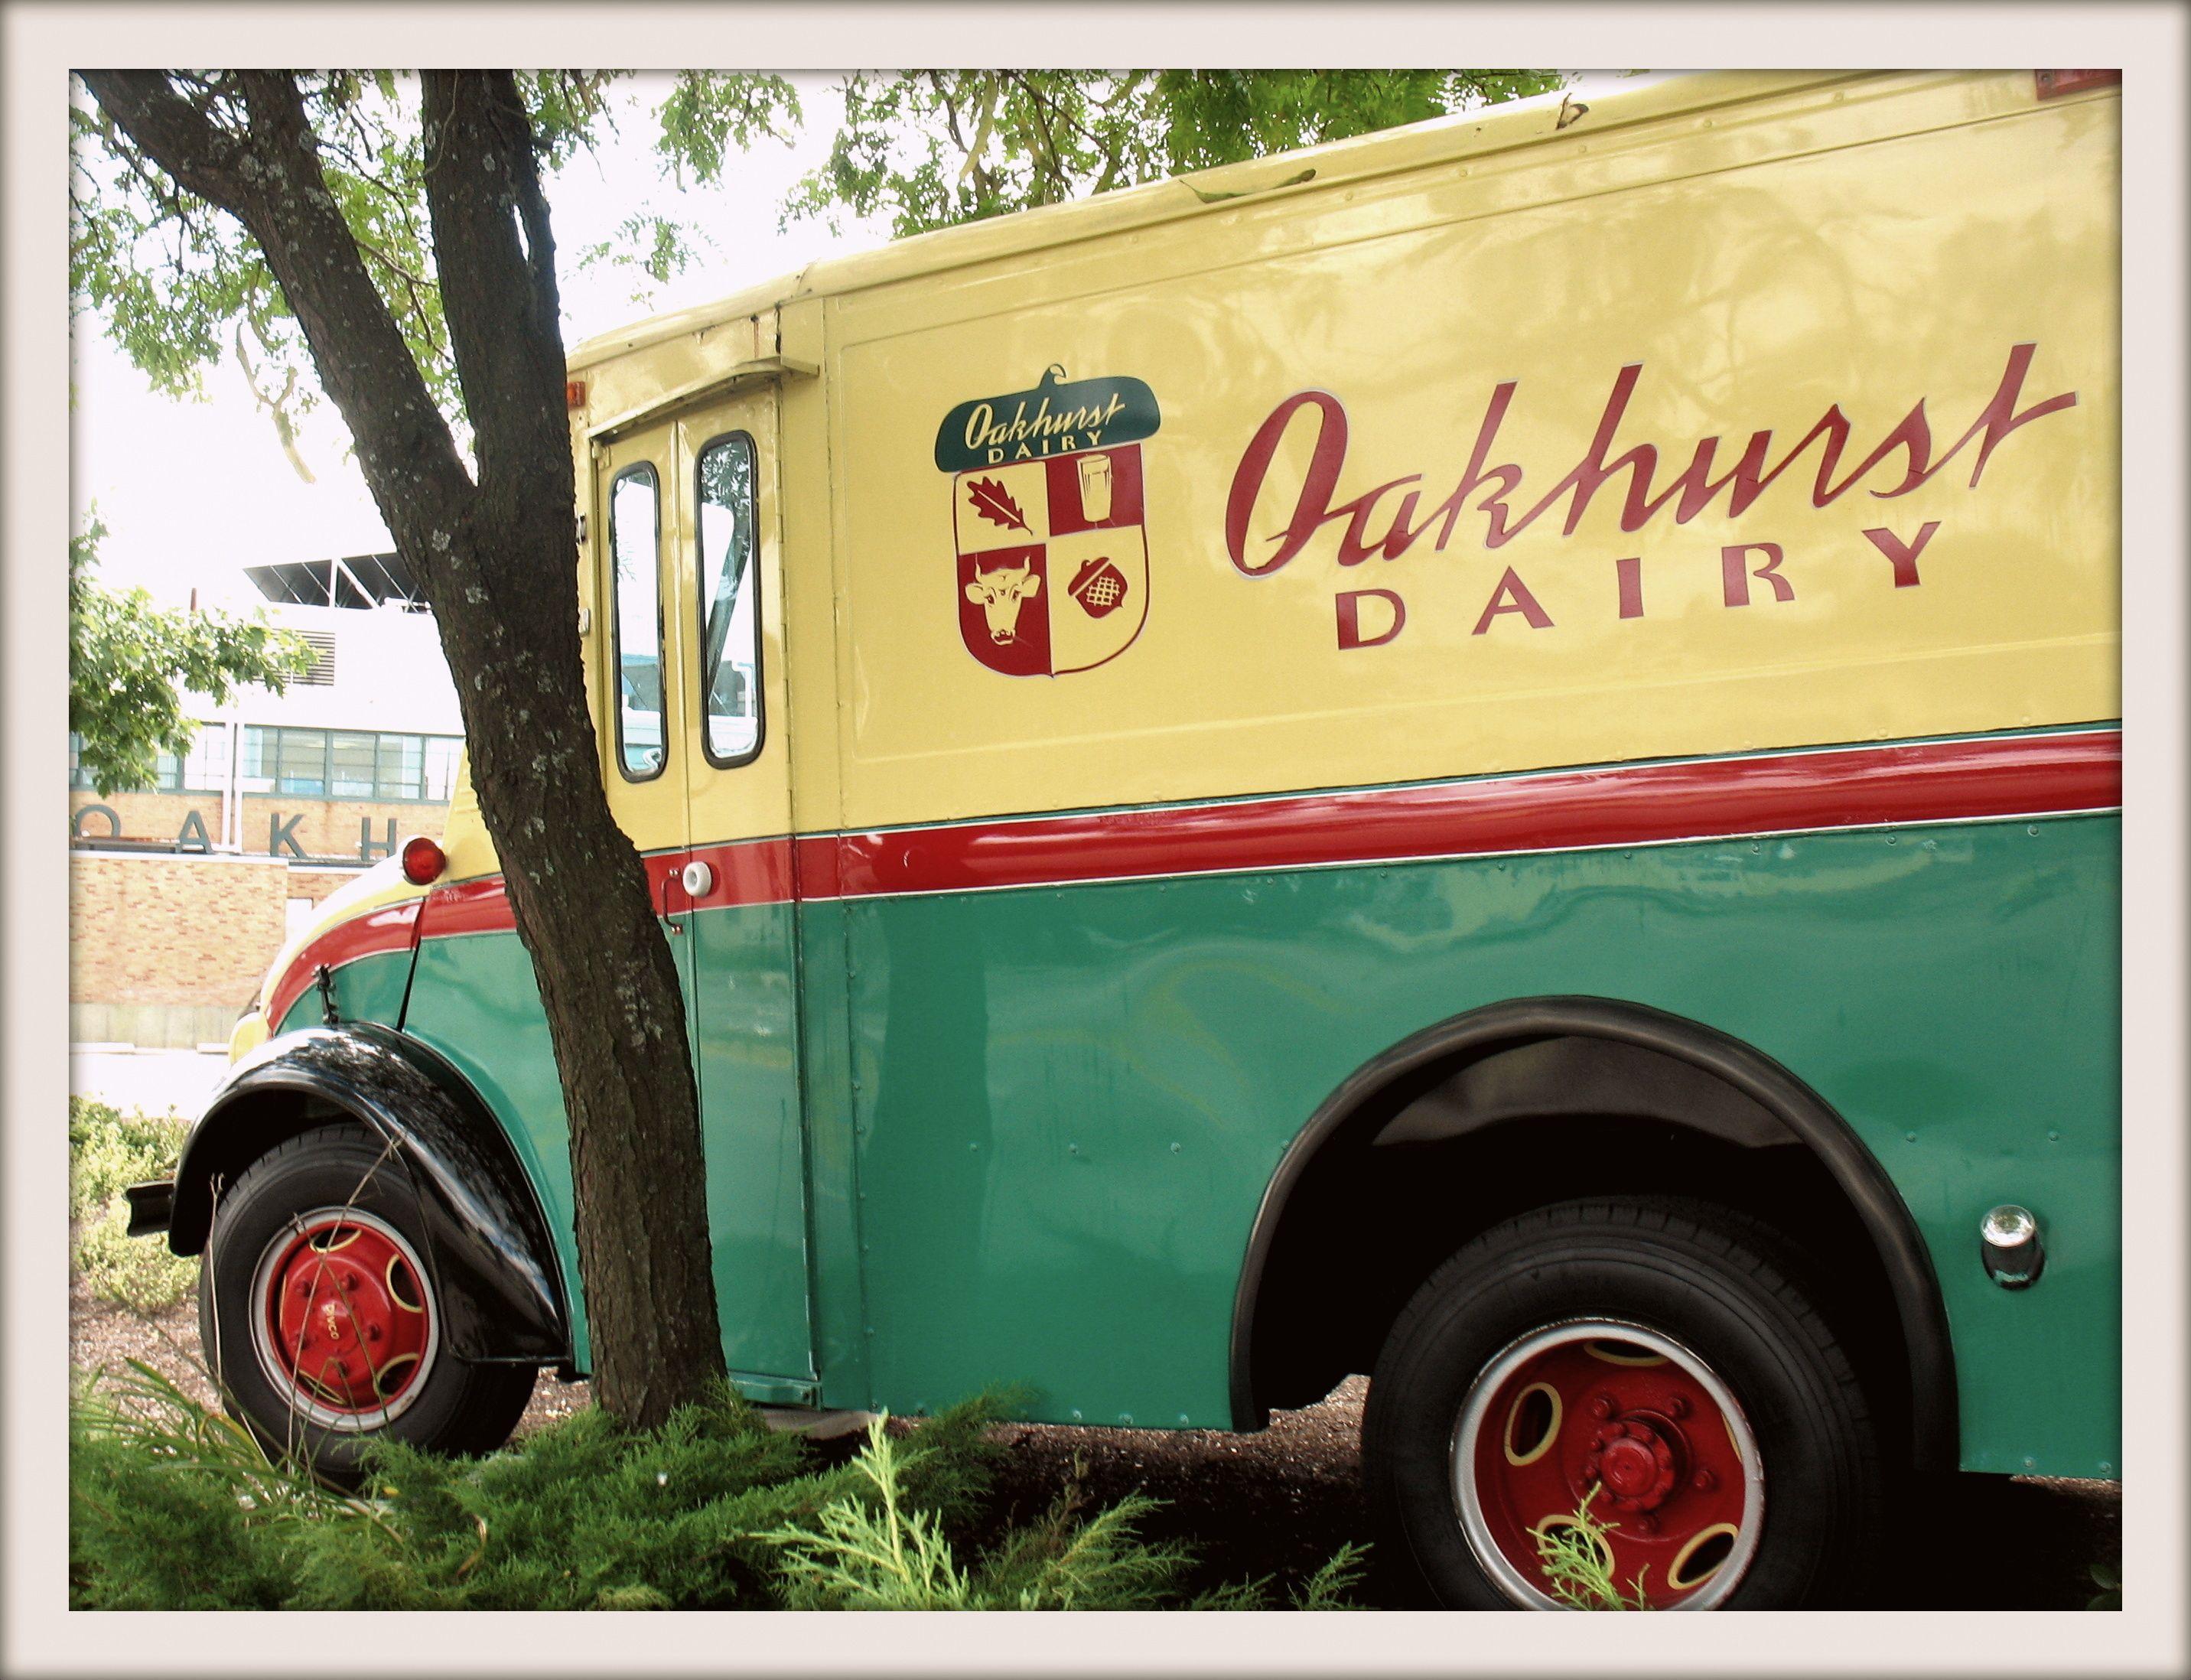 September 10th 2012 The Old Oakhurst Dairy Milk